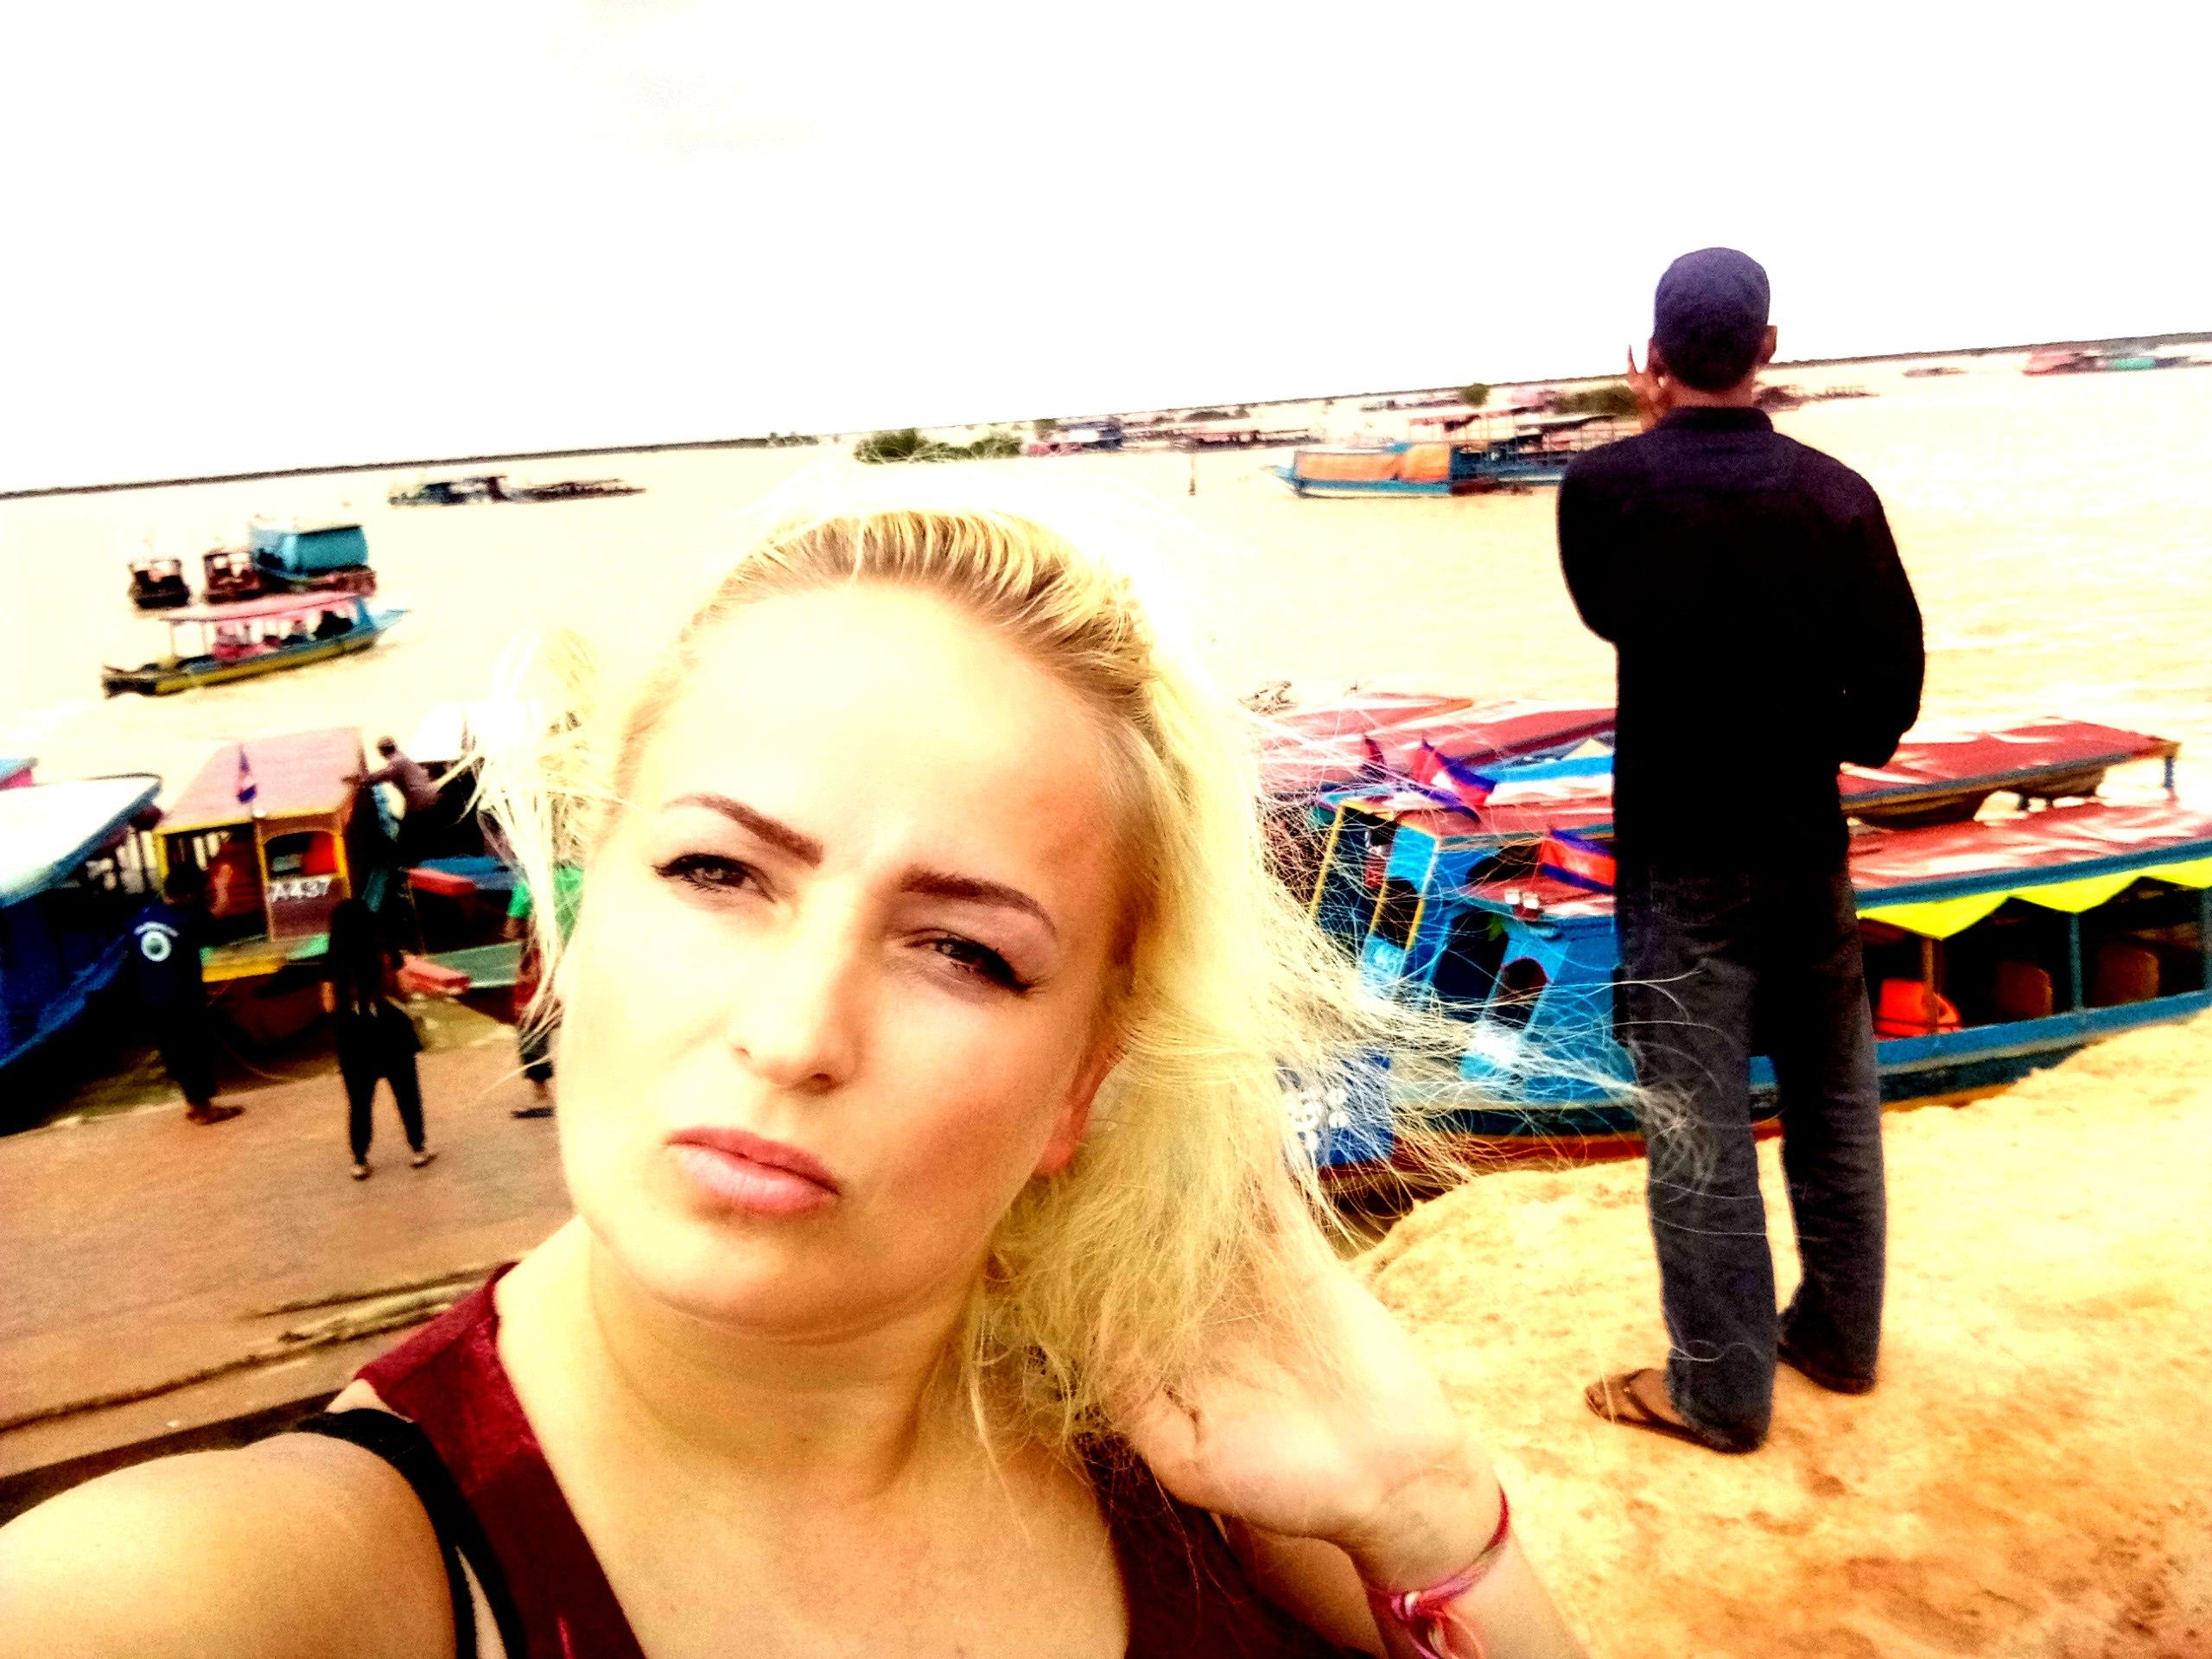 пляж - Елена Руденко. Мои путешествия (фото/видео) - Страница 3 QUGYVDLqTXo